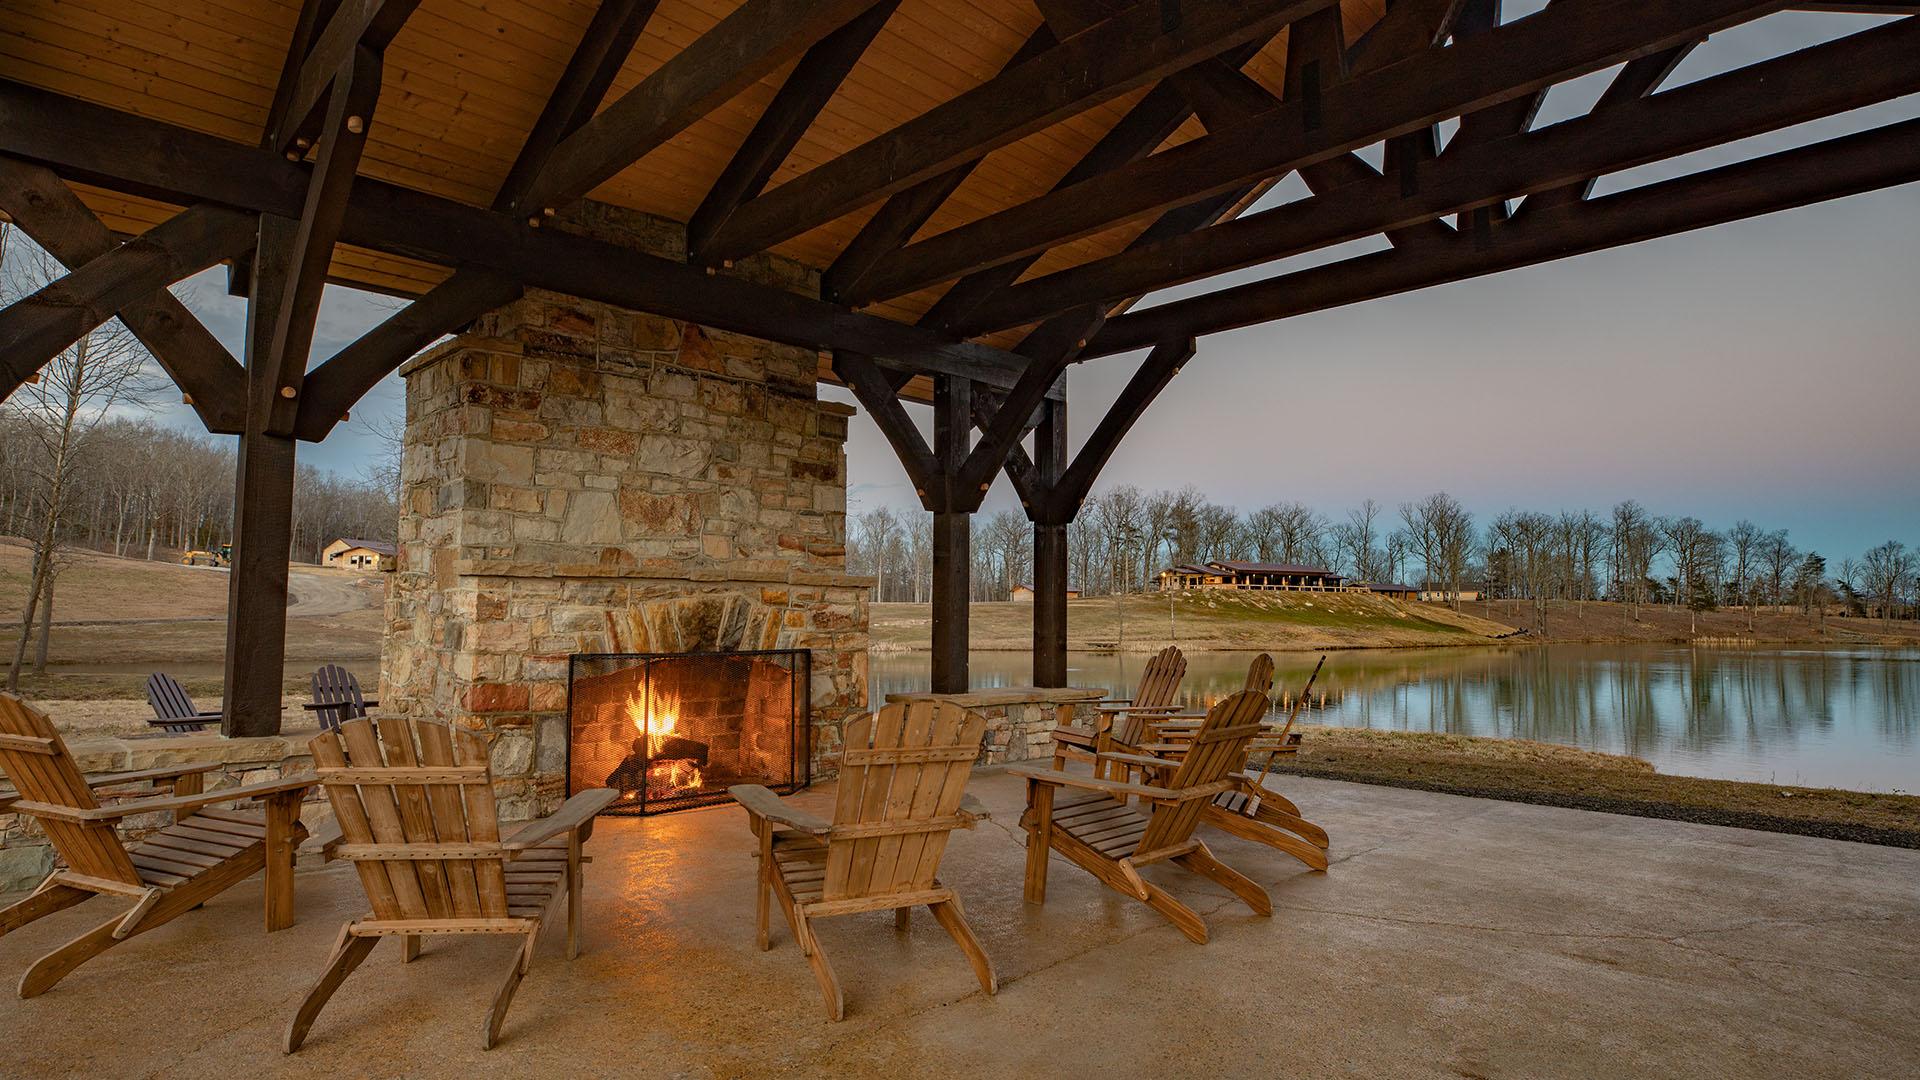 Virginia Outdoor Venue